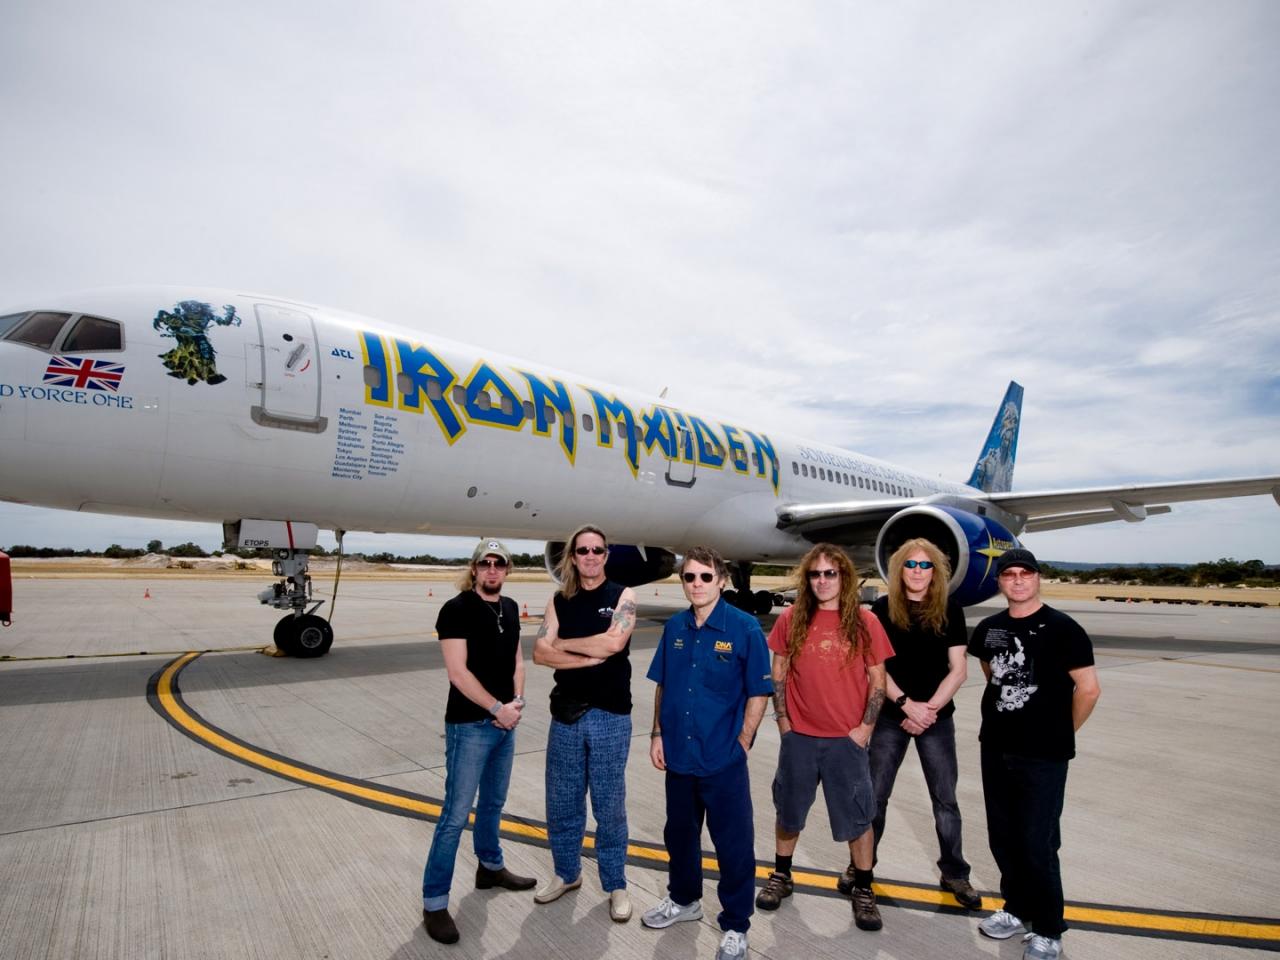 Iron Maiden y su avión privado - 1280x960